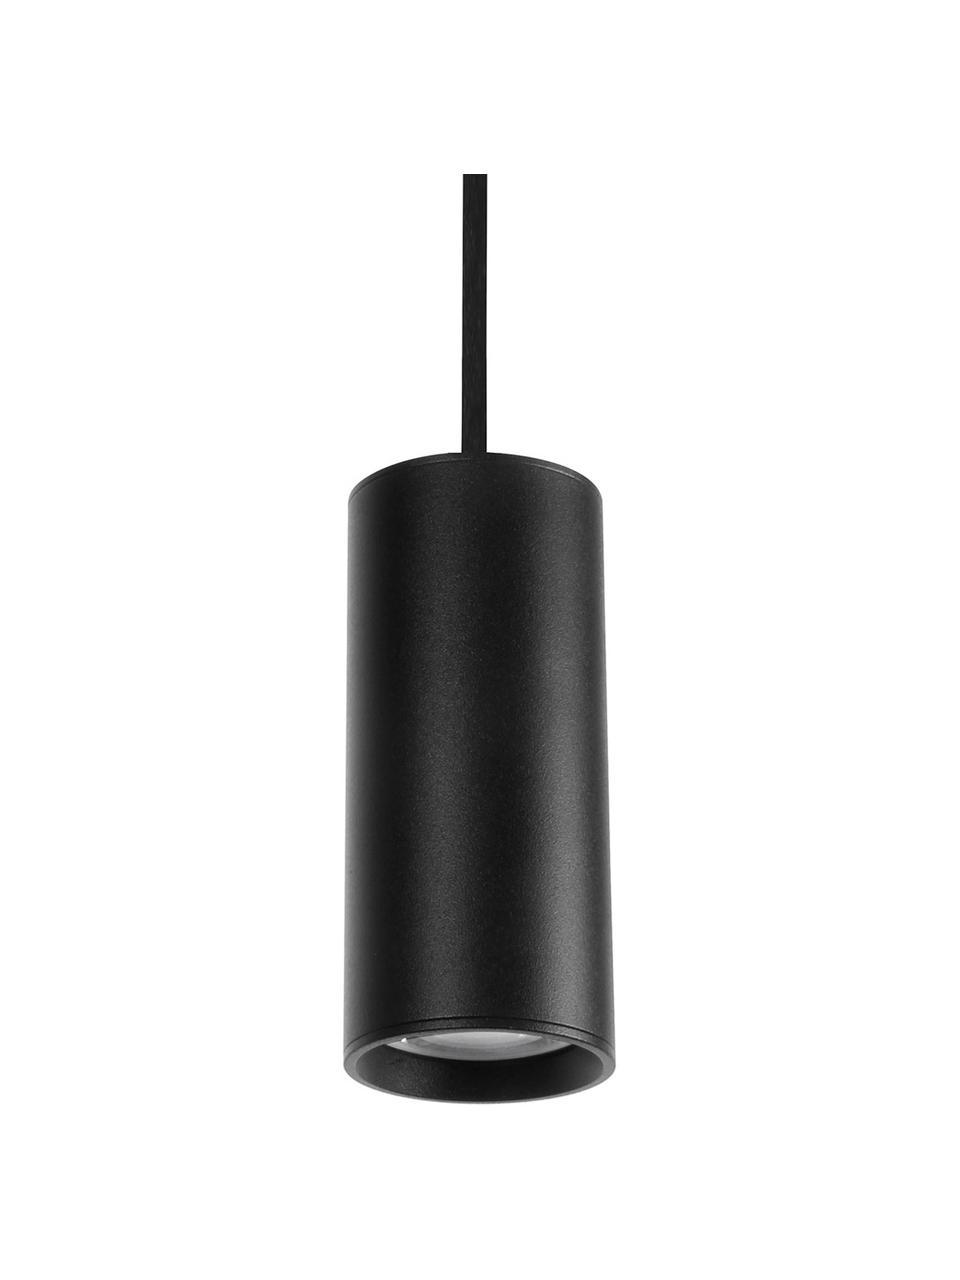 Lampada a sospensione nera Aila, Paralume: alluminio rivestito, Baldacchino: alluminio rivestito, Nero, Ø 6 x Alt. 20 cm